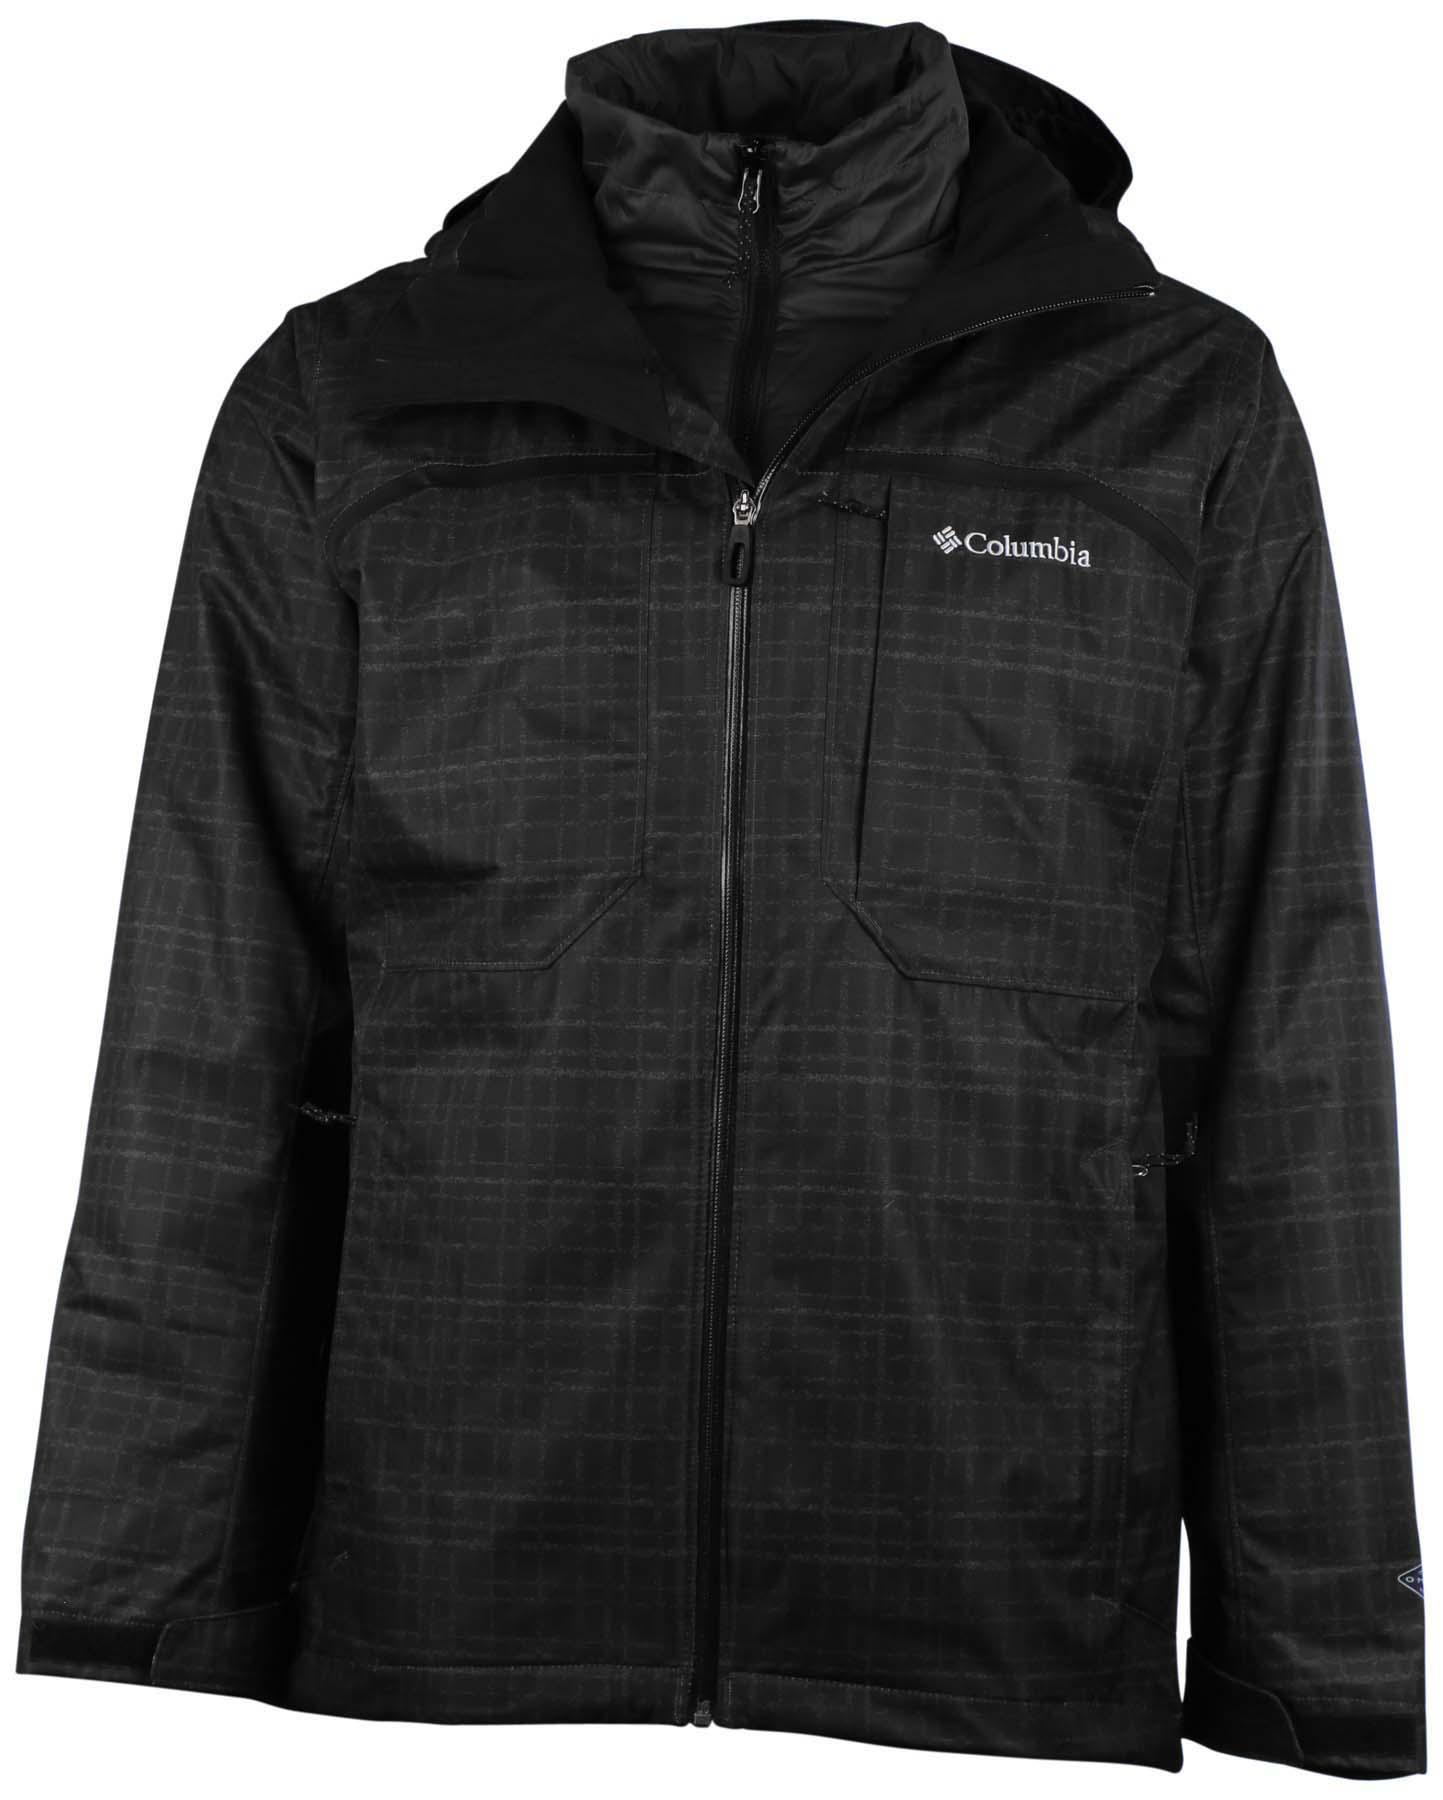 Columbia Men's Nordic Point II Interchange Jacket | eBay